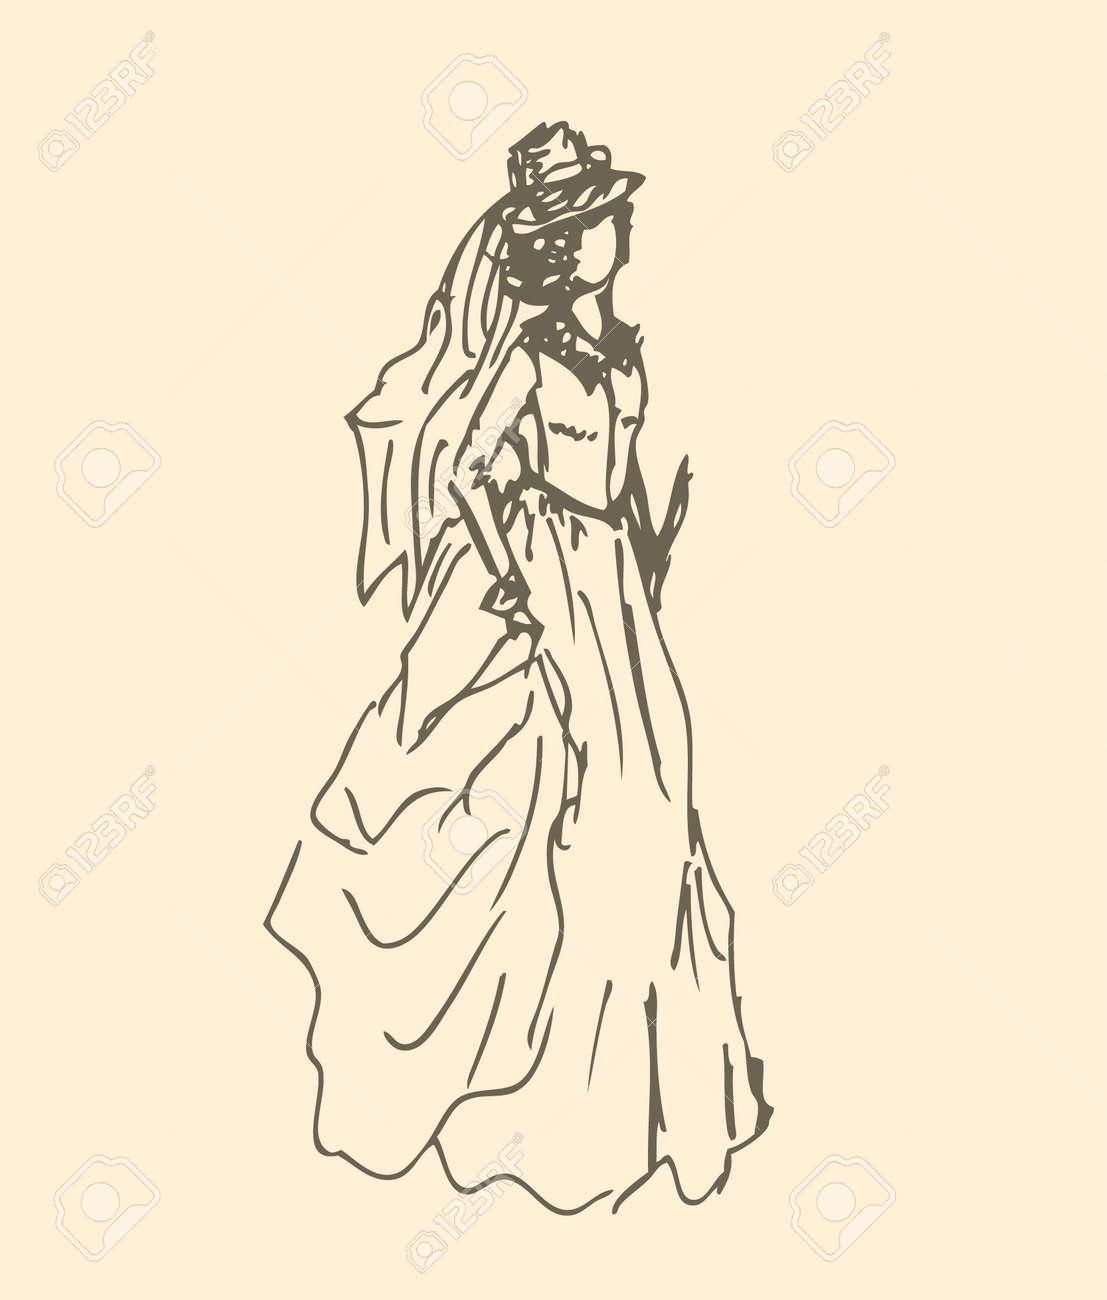 355da0db491 Banque d images - Dame romantique dans Femme Vêtements historique Croquis  robe vintage de la silhouette de la femme dans le style rétro